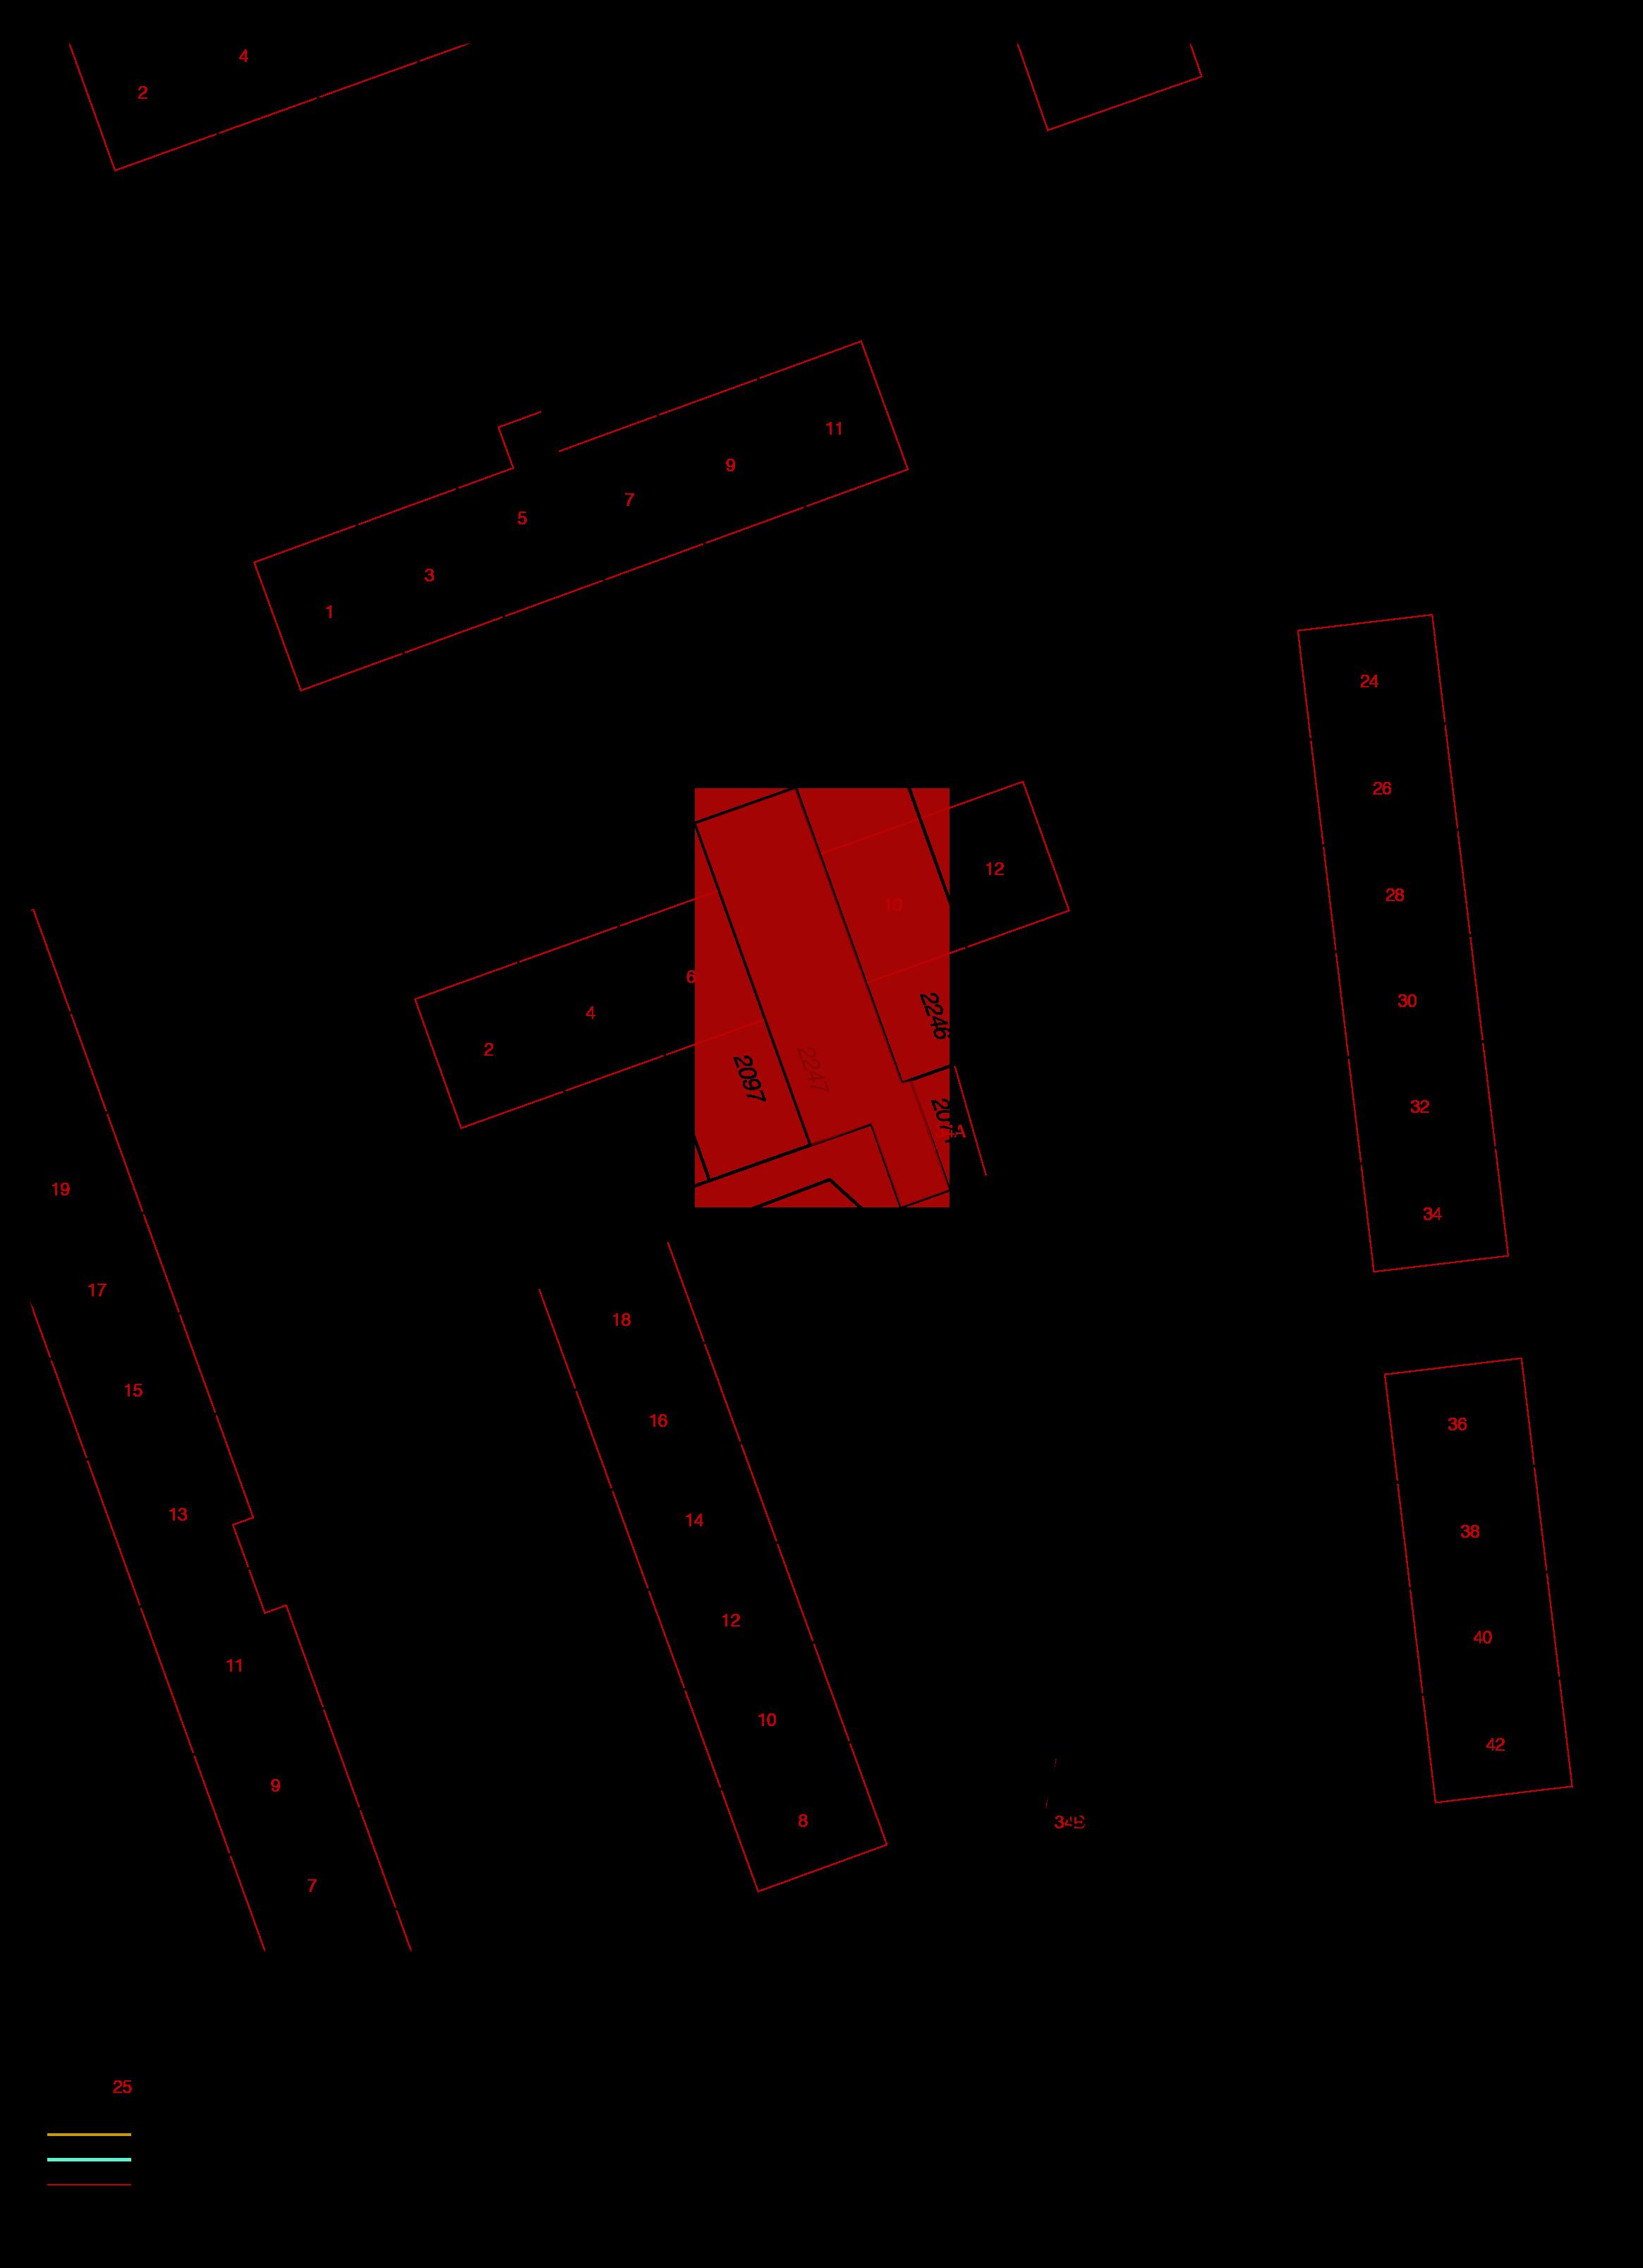 uittreksel kadastrale kaart trompstraat 8 koudekerke ism makelaars